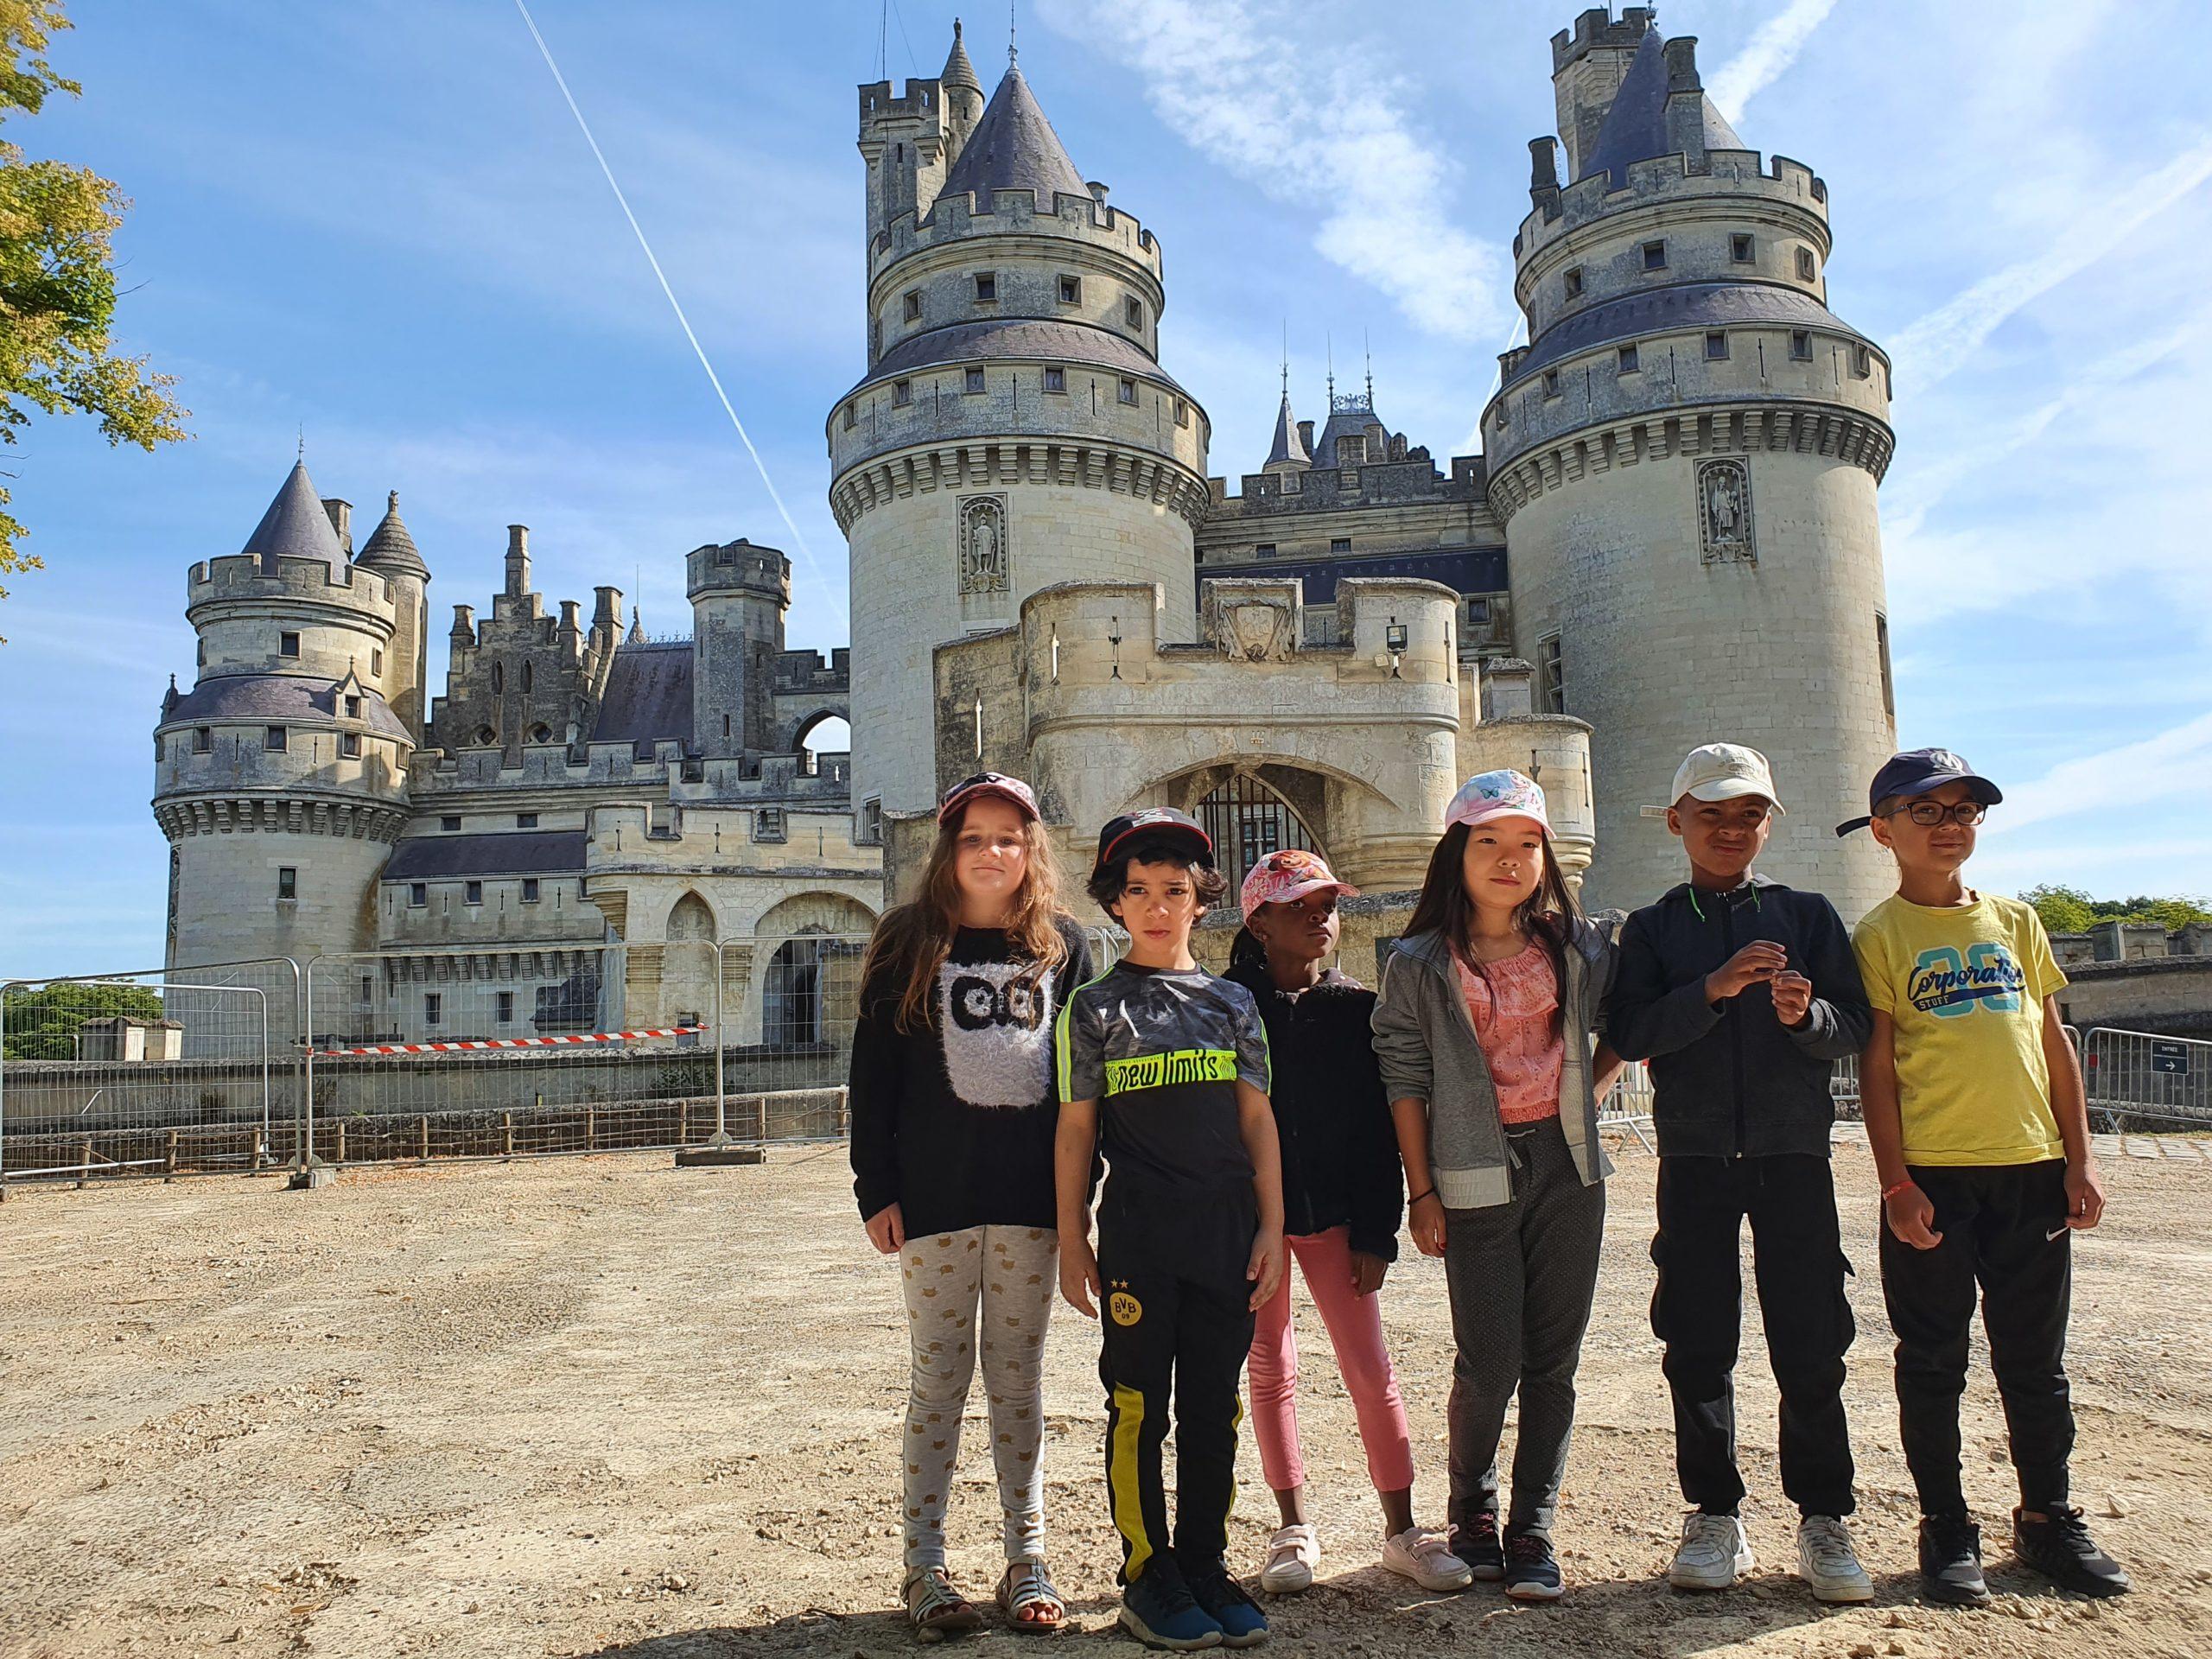 Des enfants devant le chateau de Pierrefonds